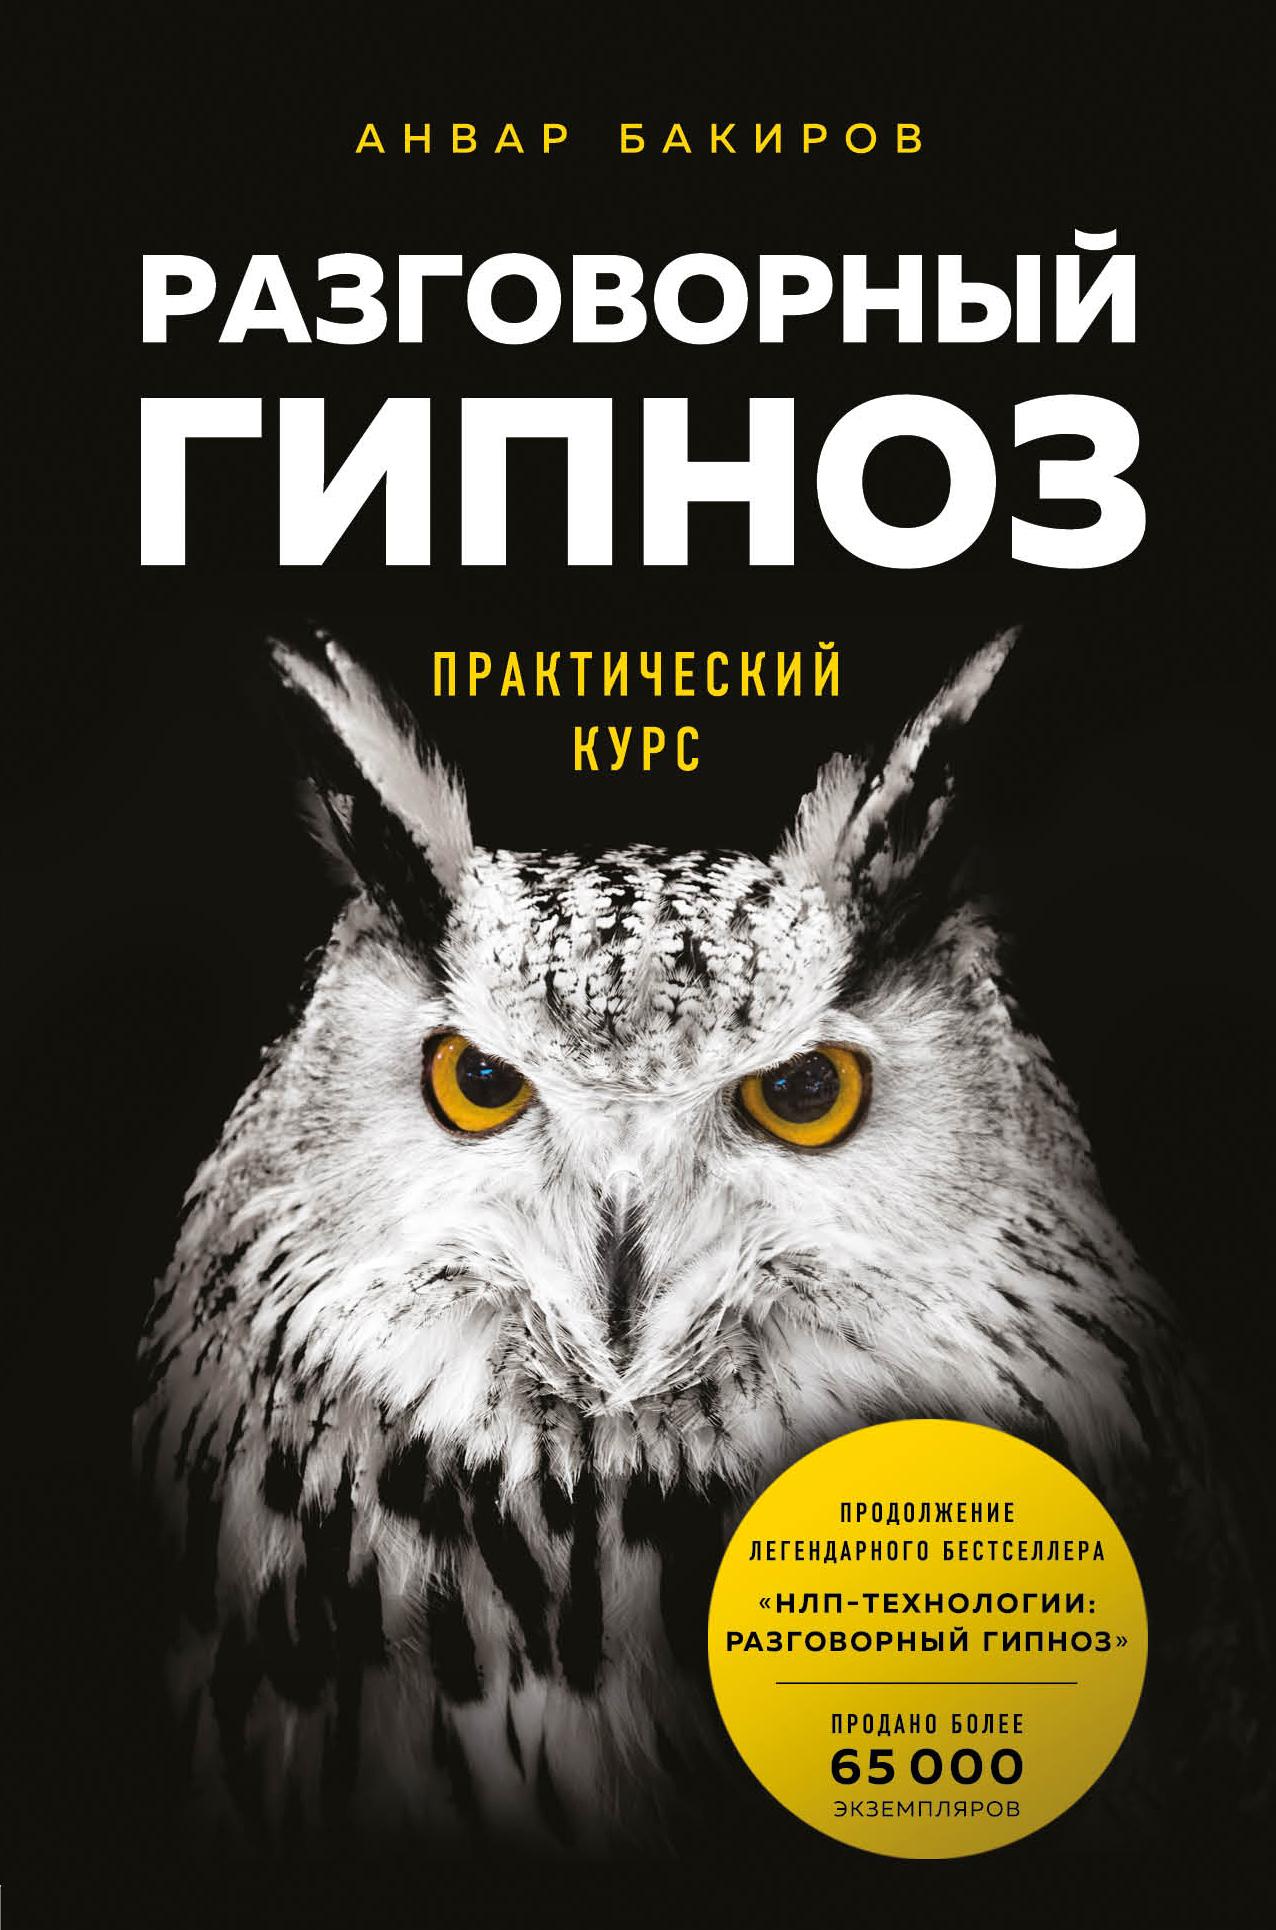 Анвар Бакиров, Бомбора «Разговорный гипноз: практический курс»